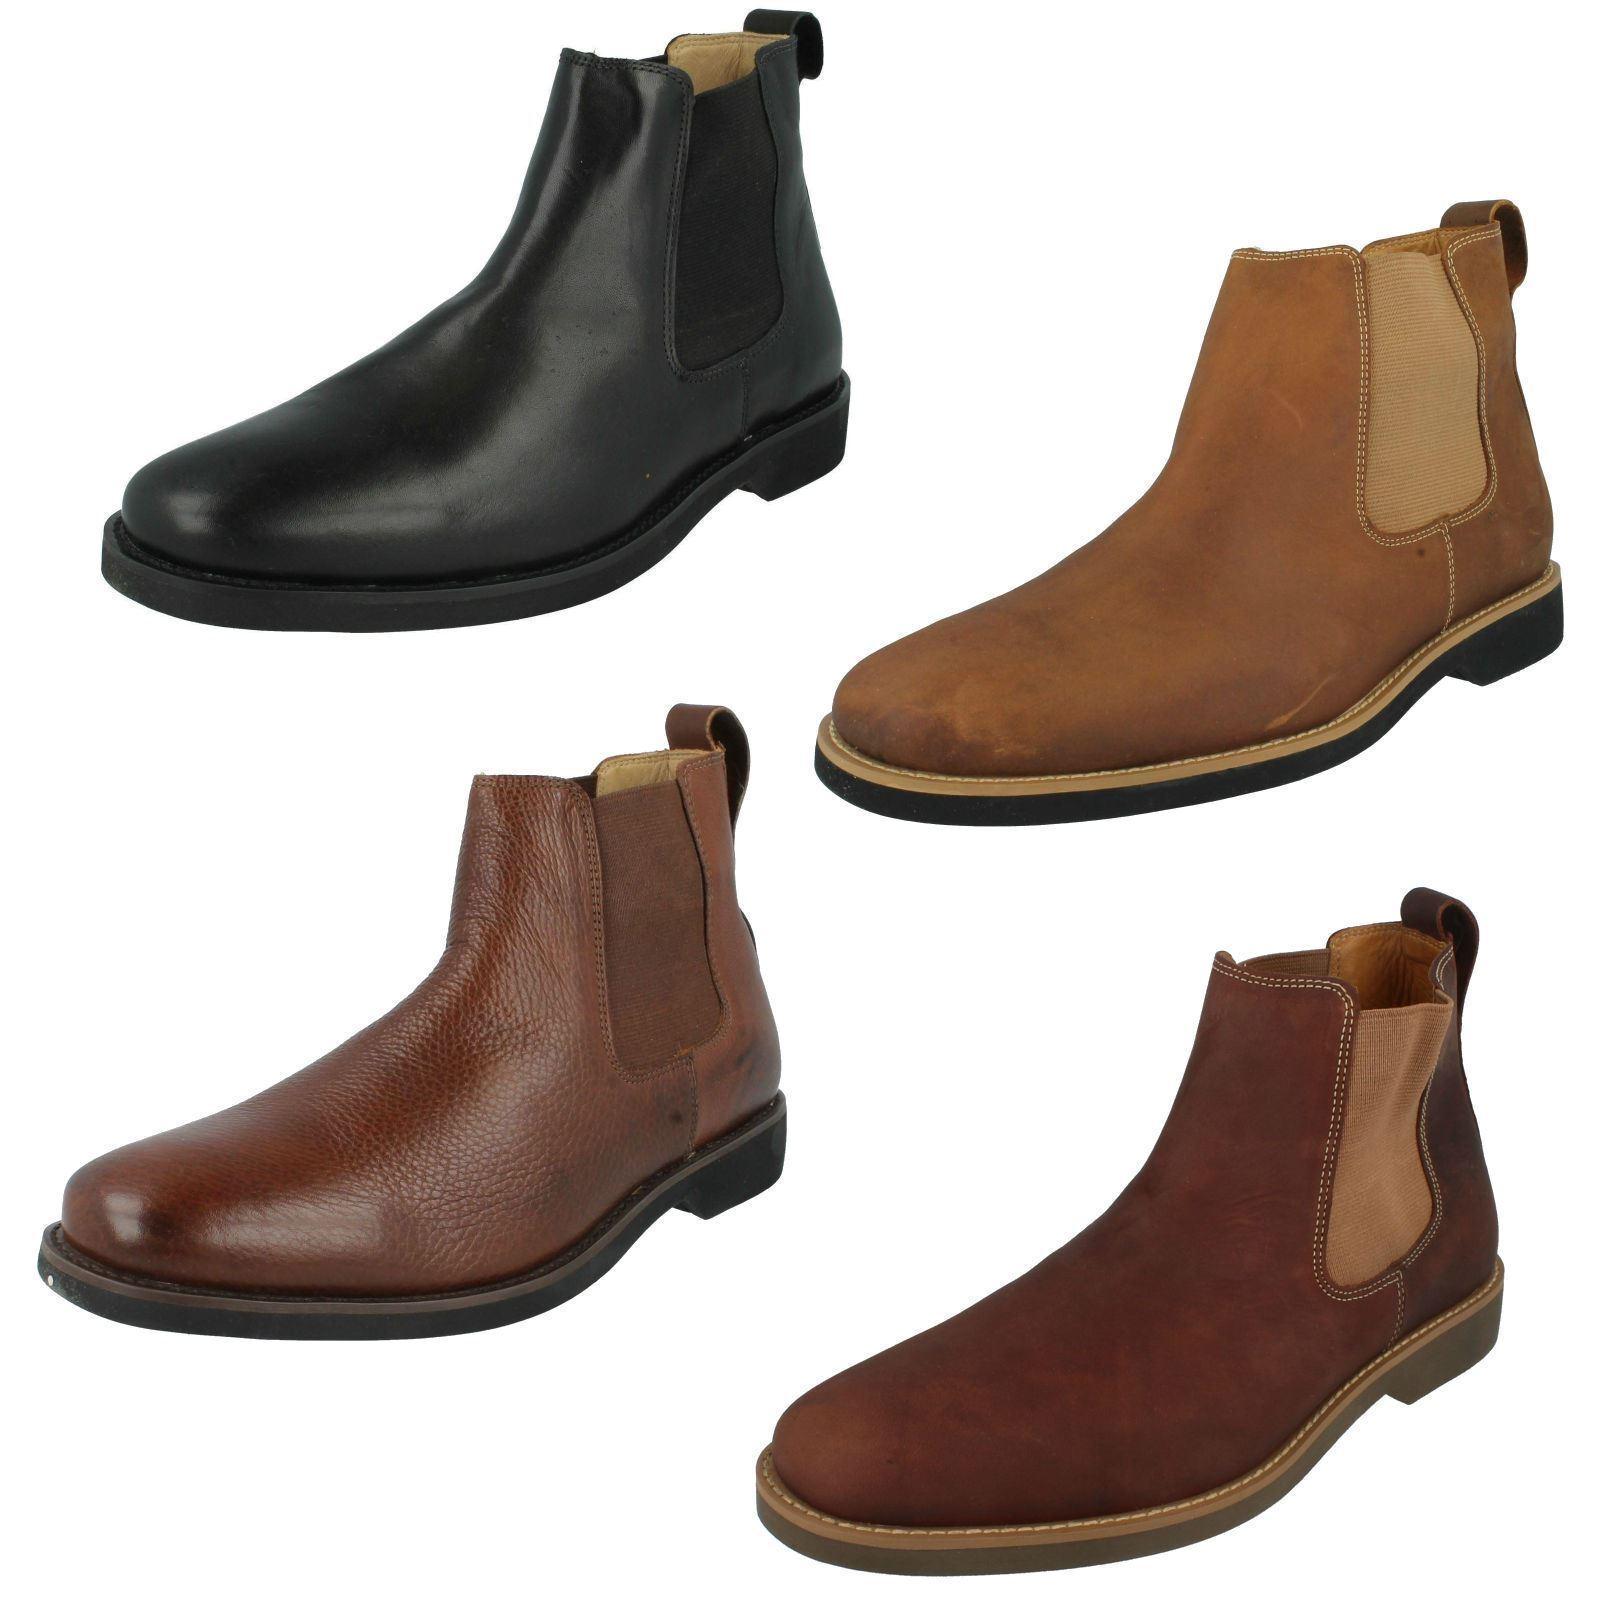 Grandes descuentos nuevos zapatos Clarks Coling Boss, Brogues Homme